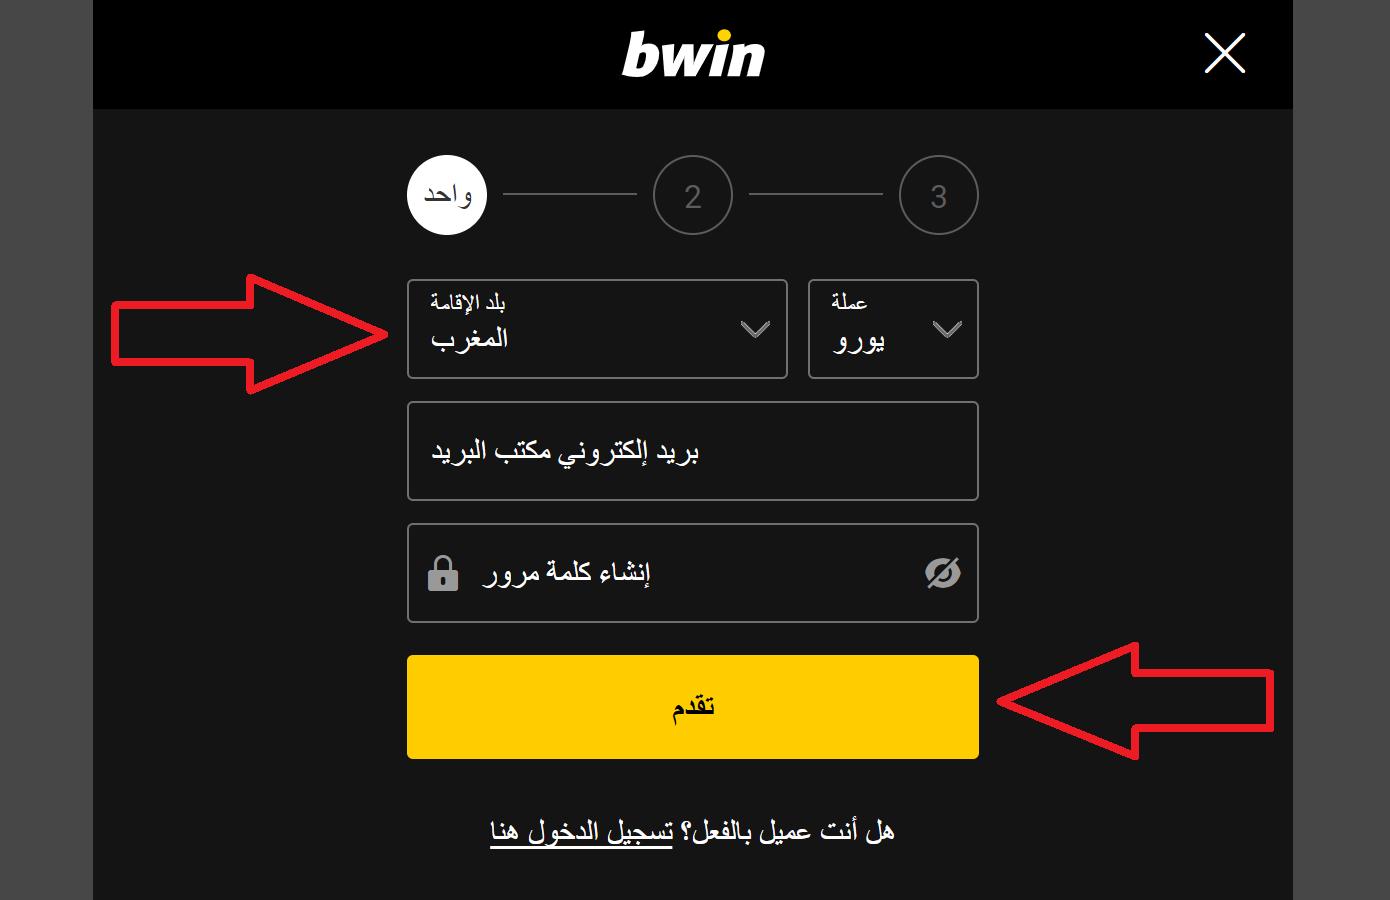 Bwin التسجيل عبر الإنترنت في: ما هي الأنواع الموجودة